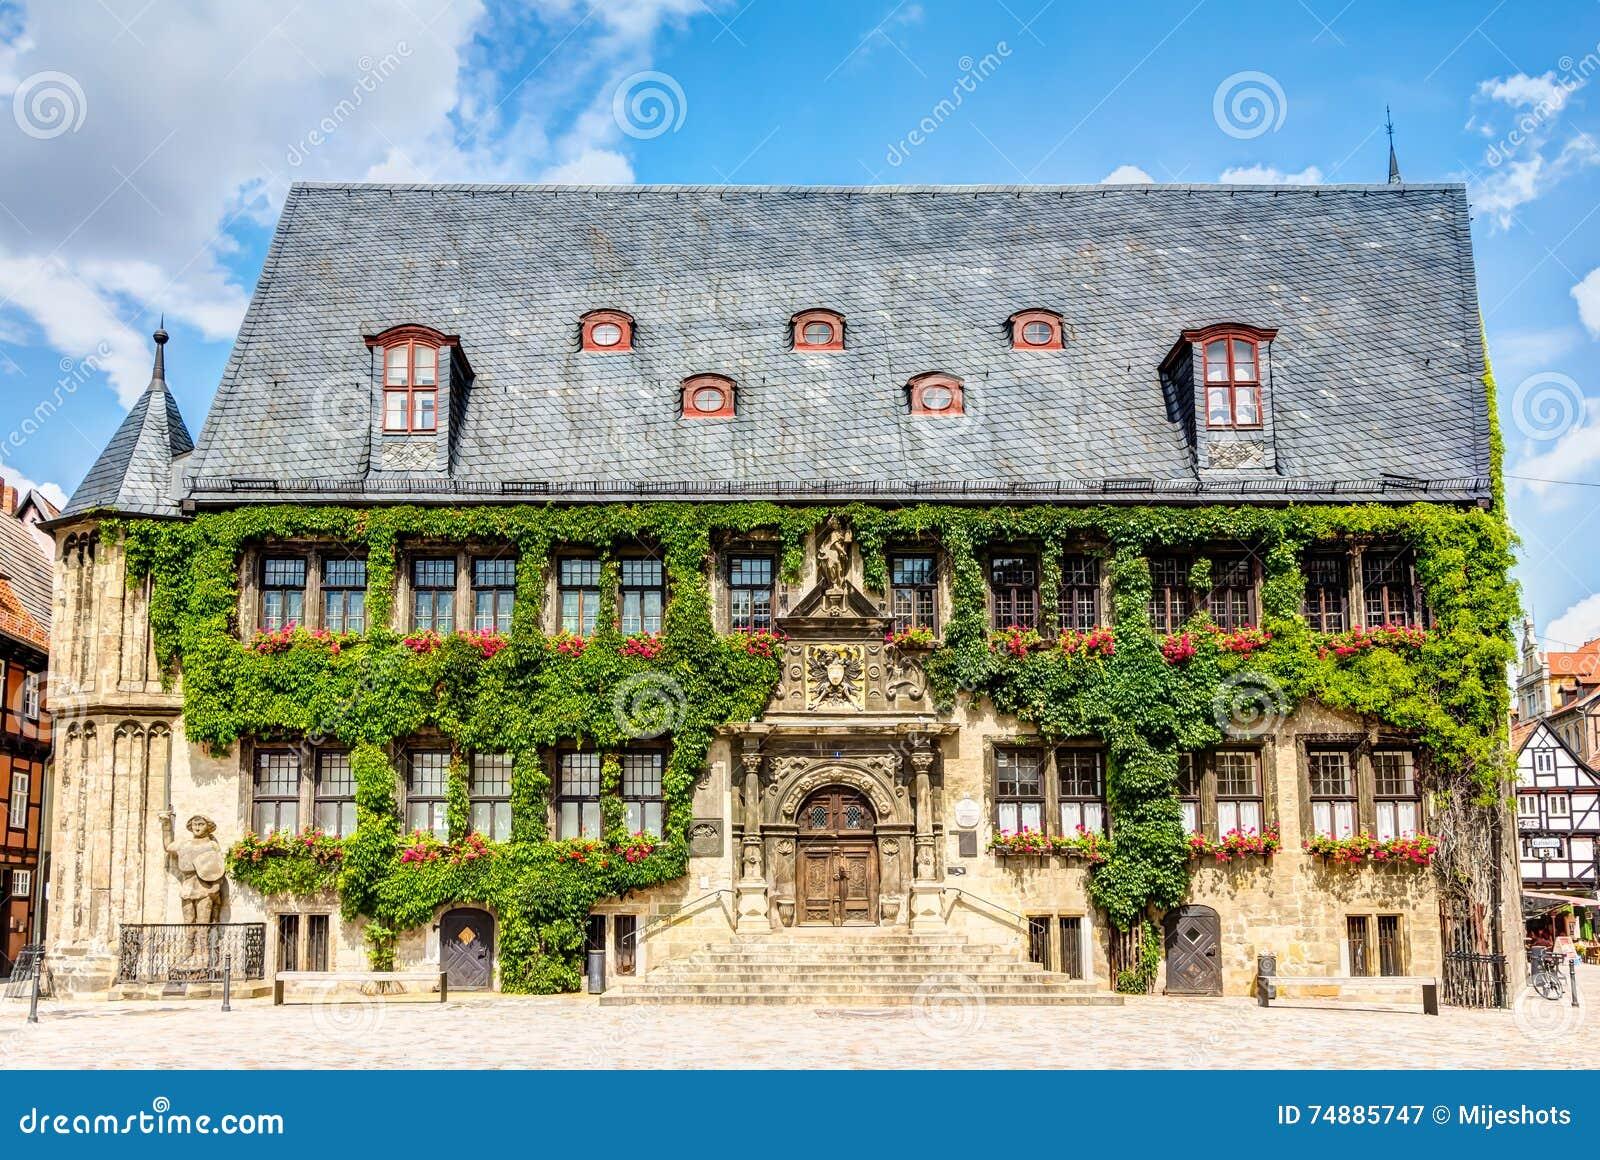 Câmara municipal em Quedlinburg, Alemanha